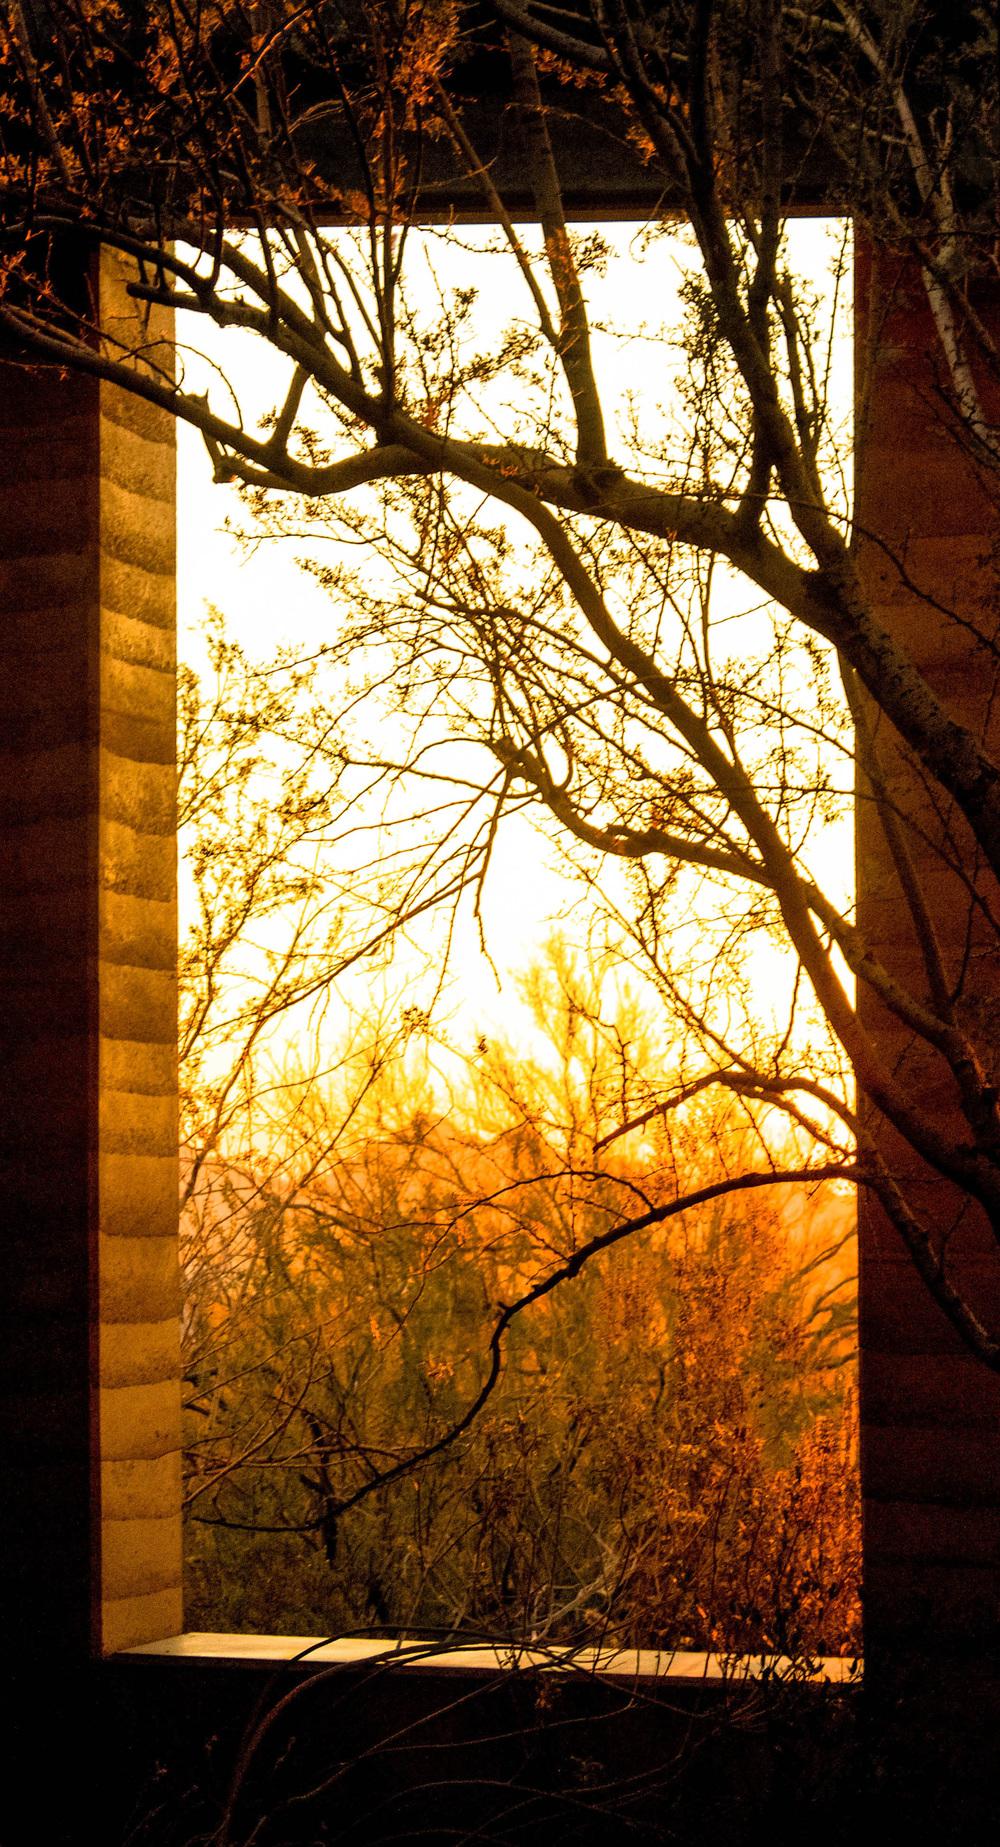 Burning Window